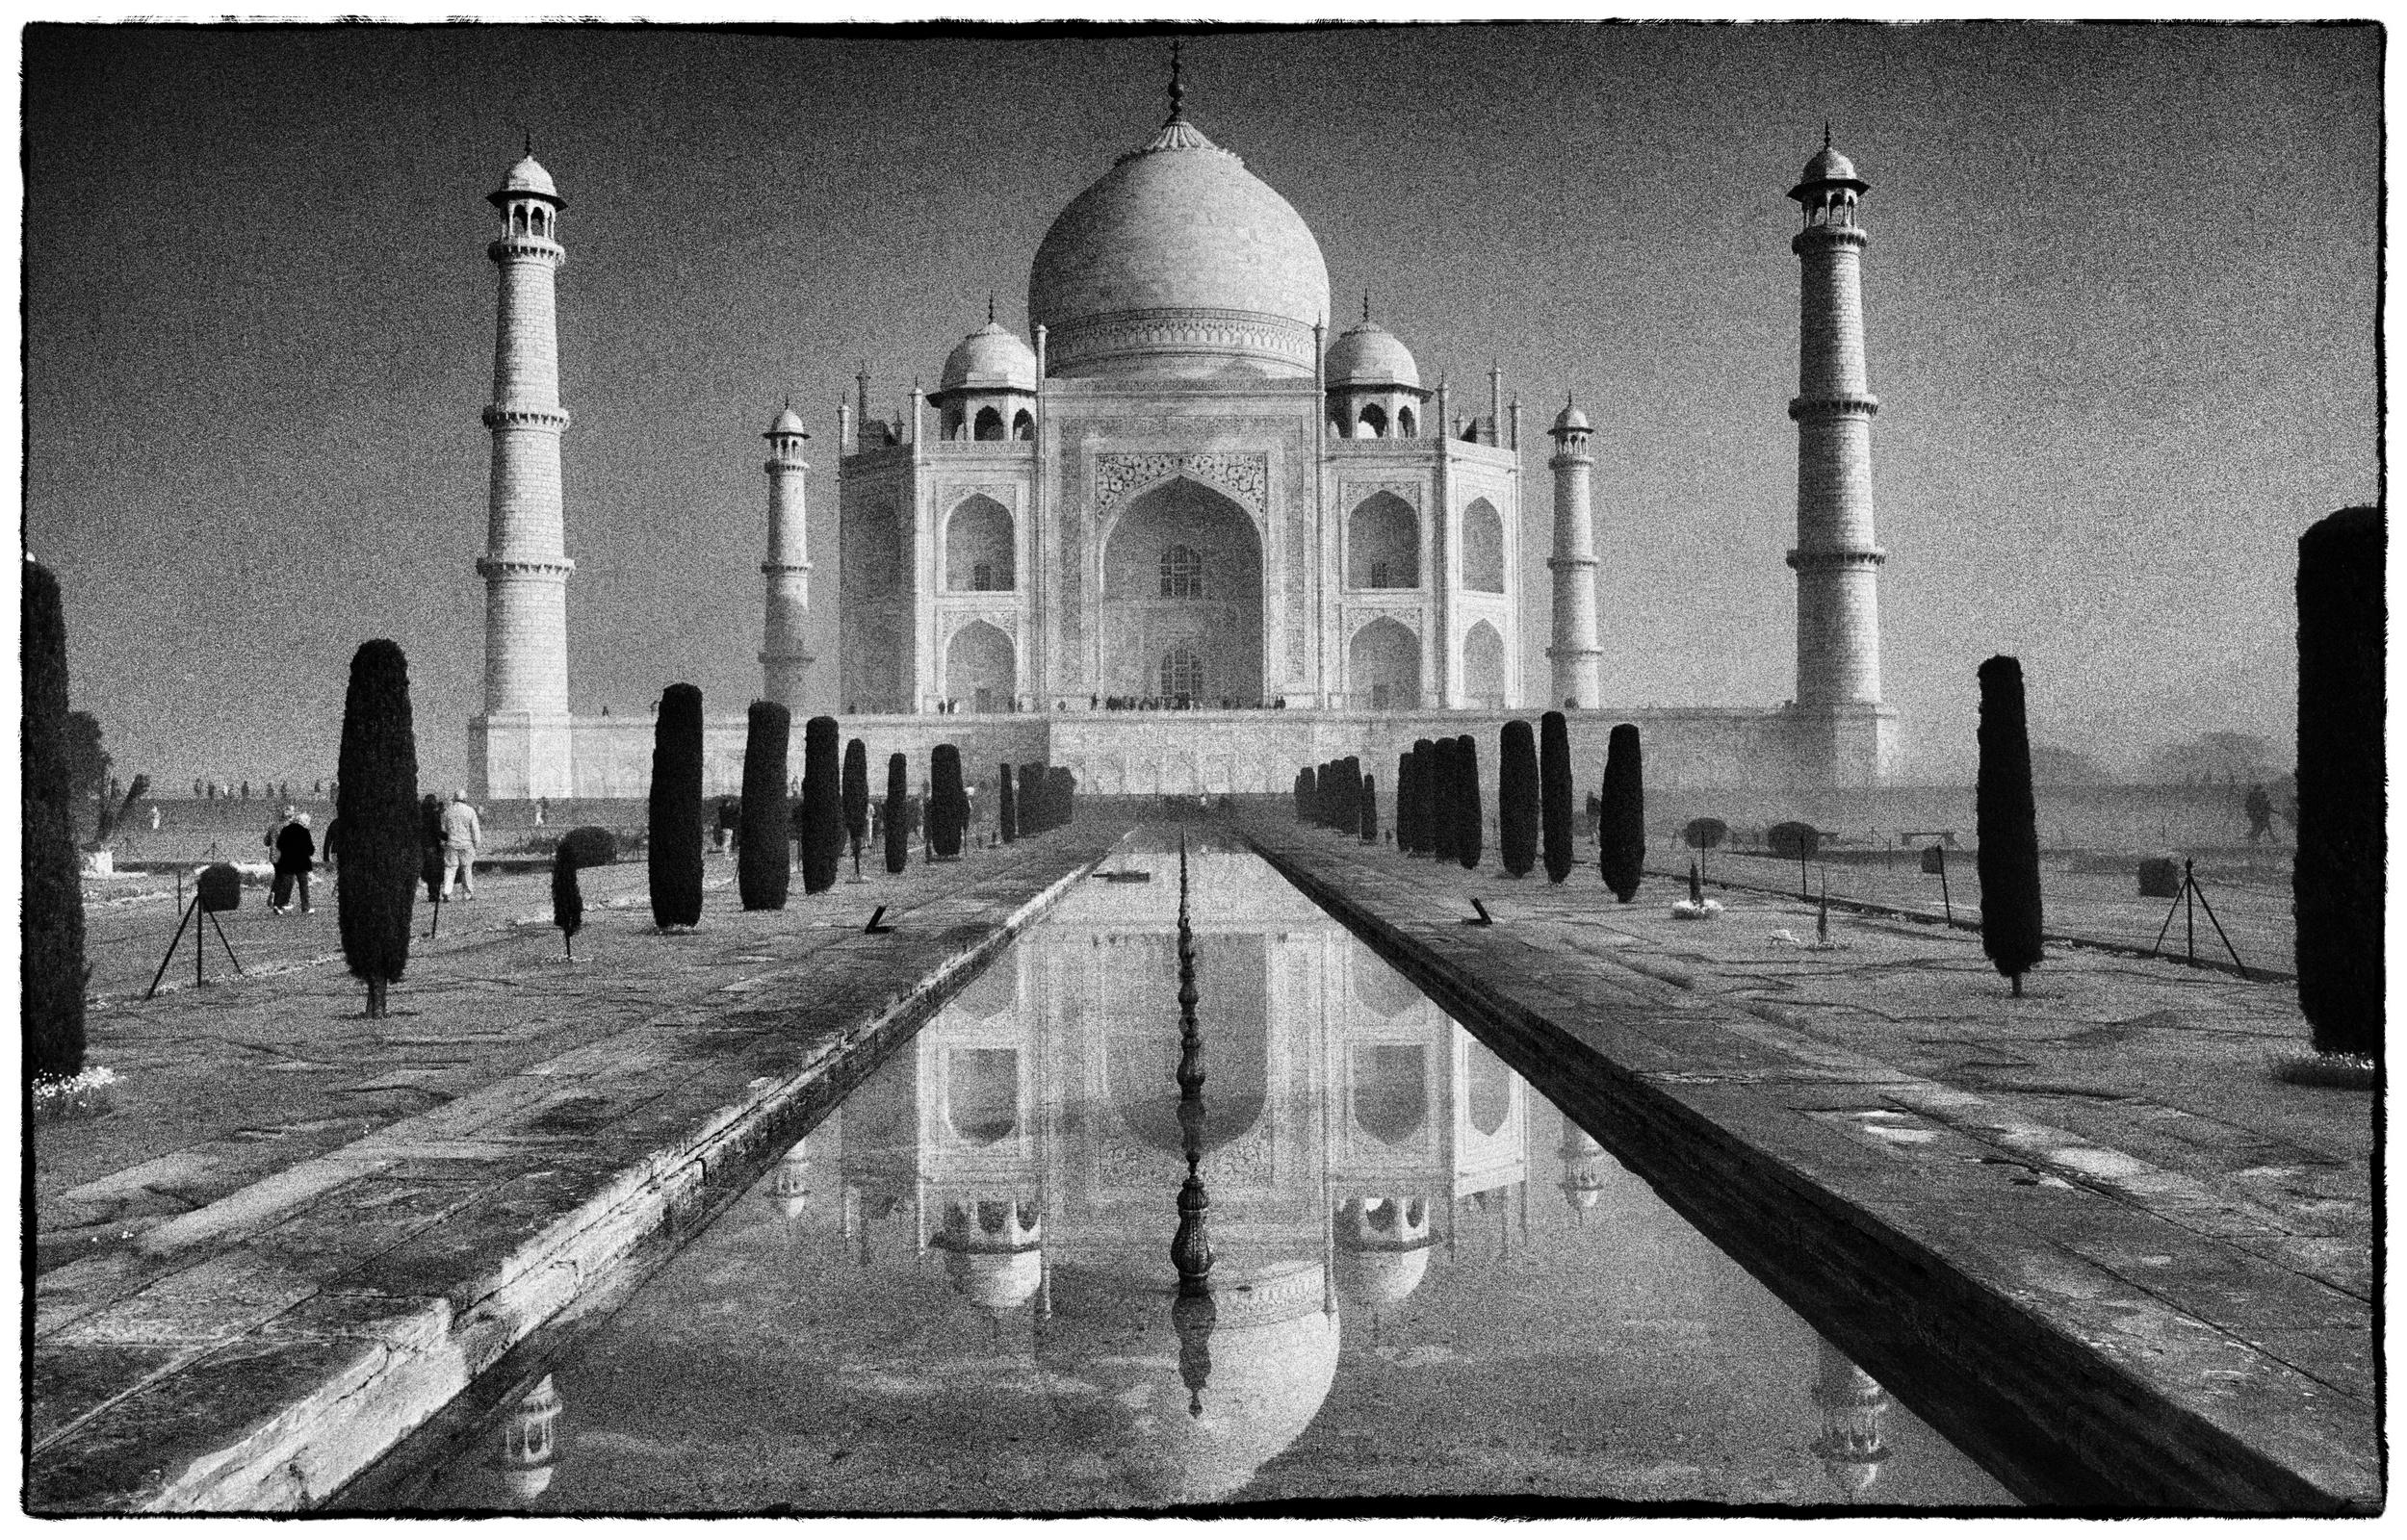 Agra's Taj Mahal (Fuji X100)